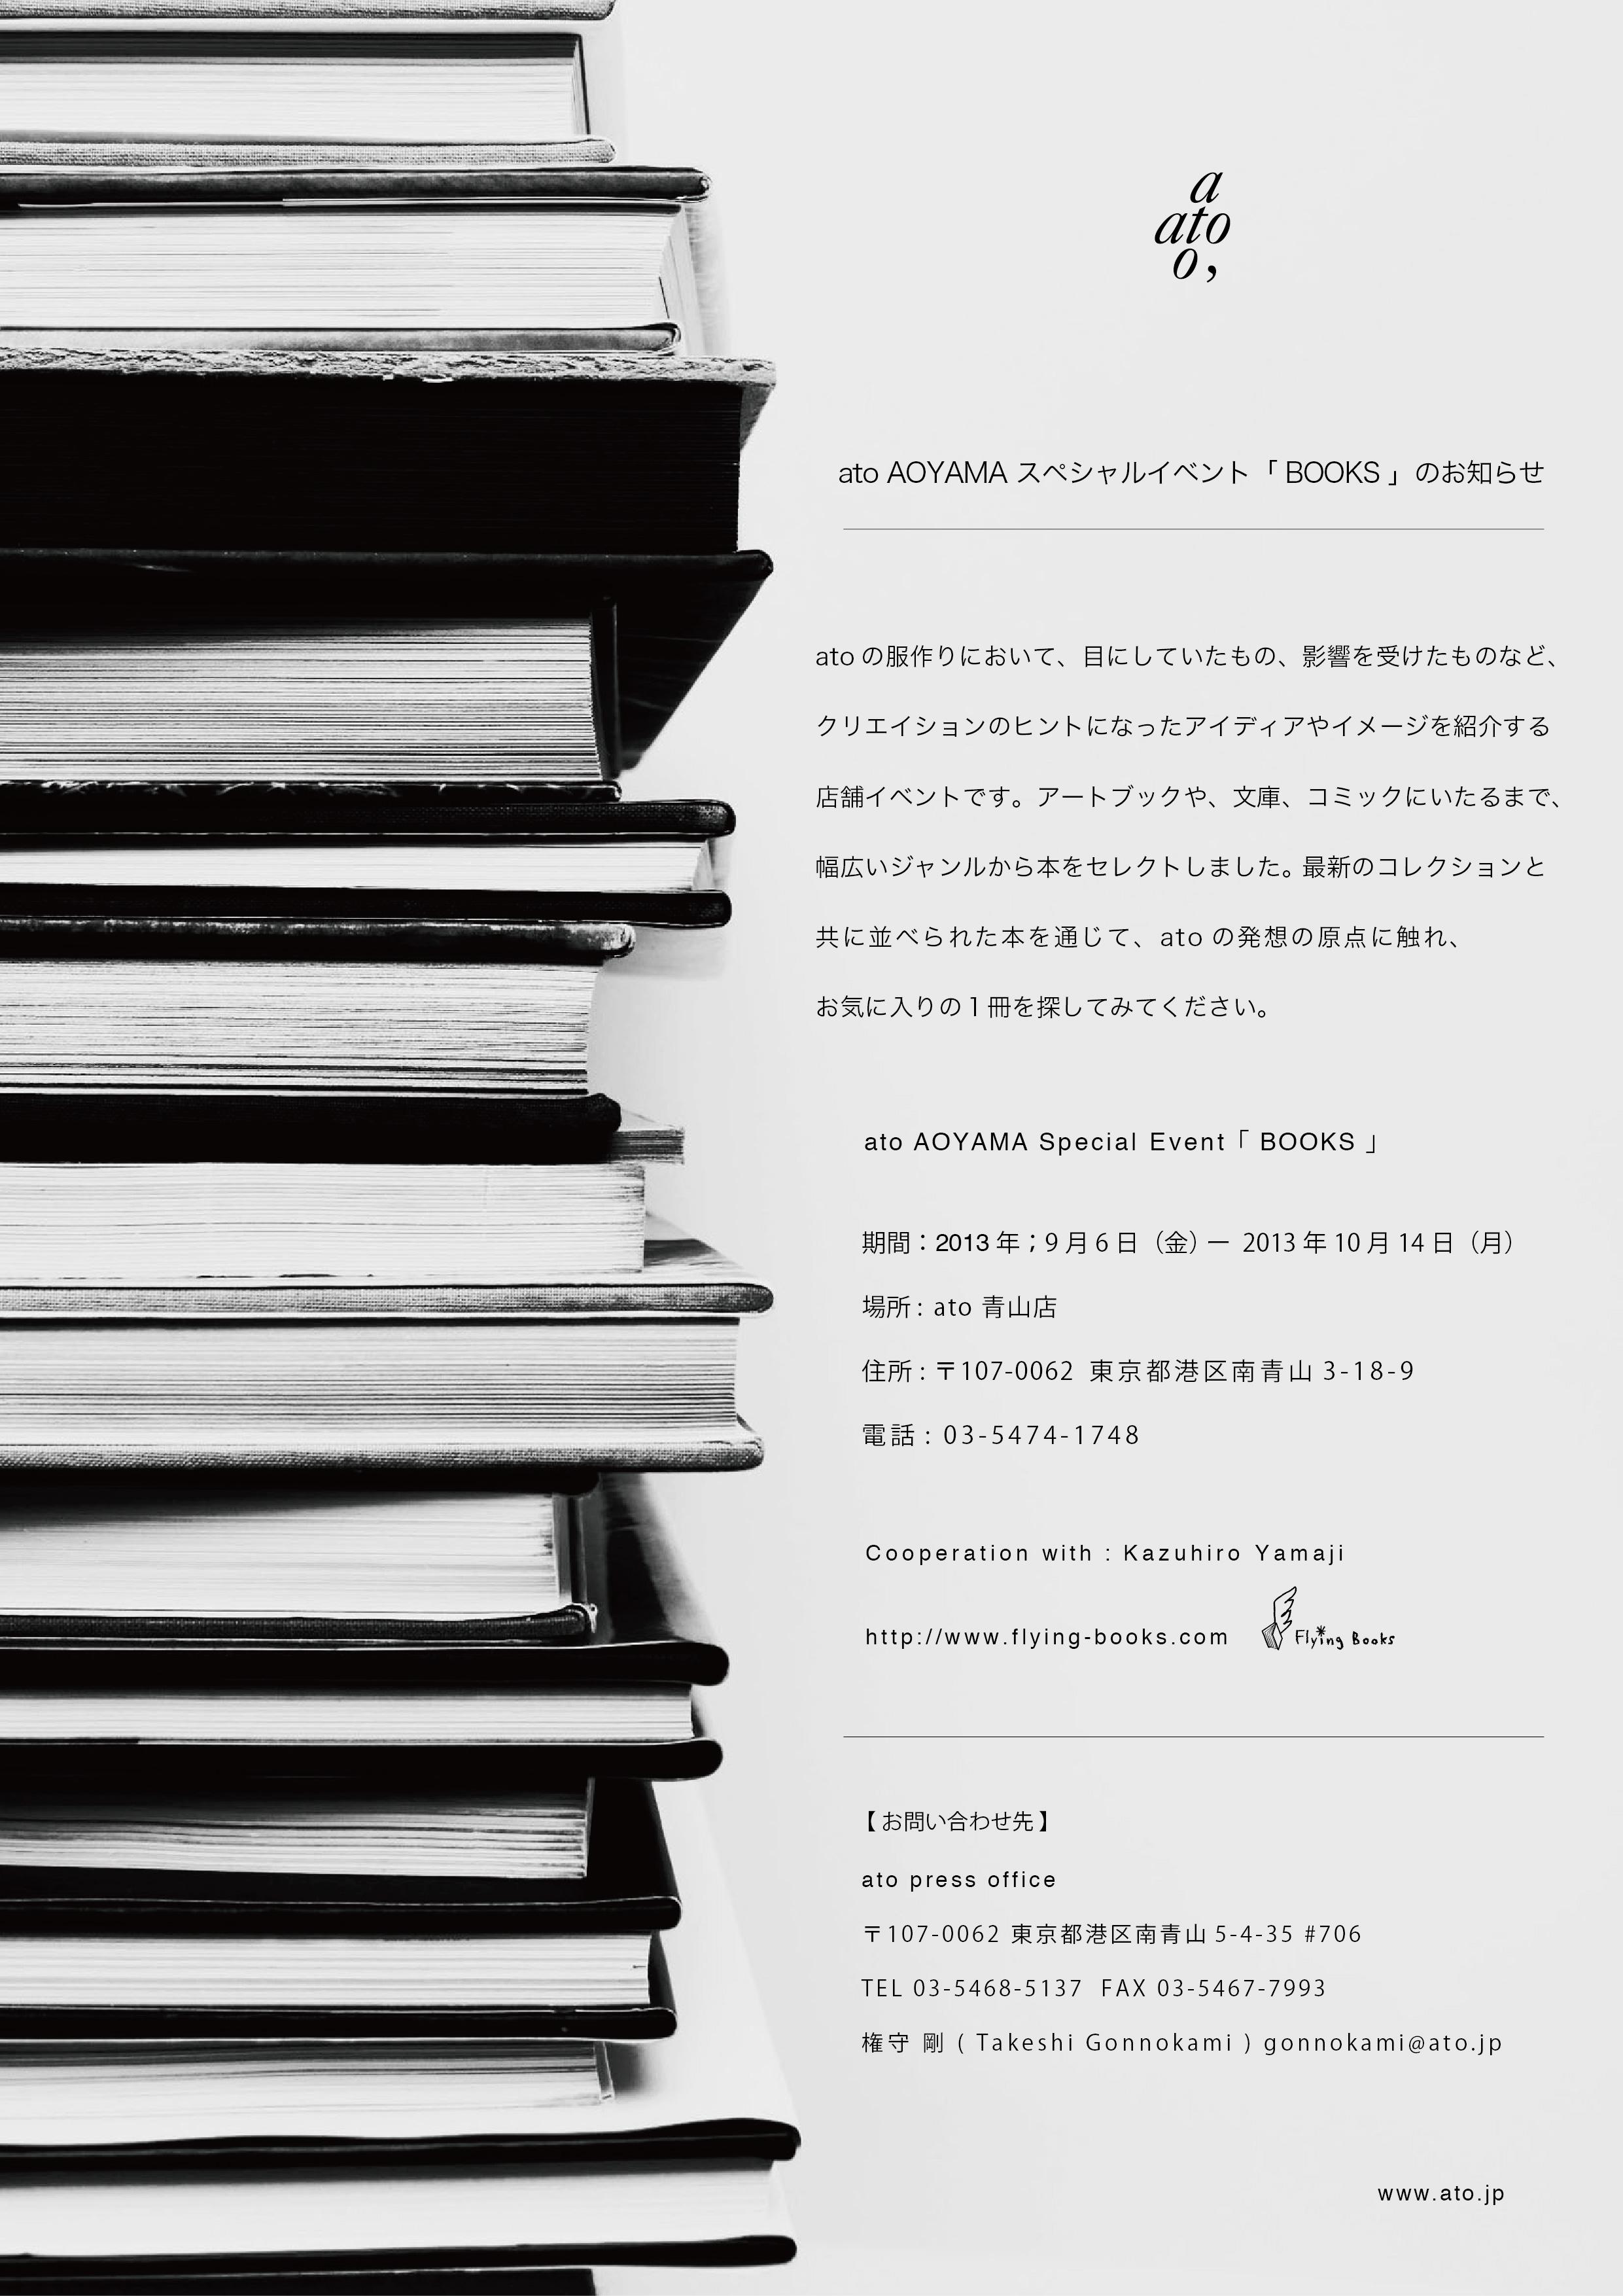 ato_book_press-release_130726